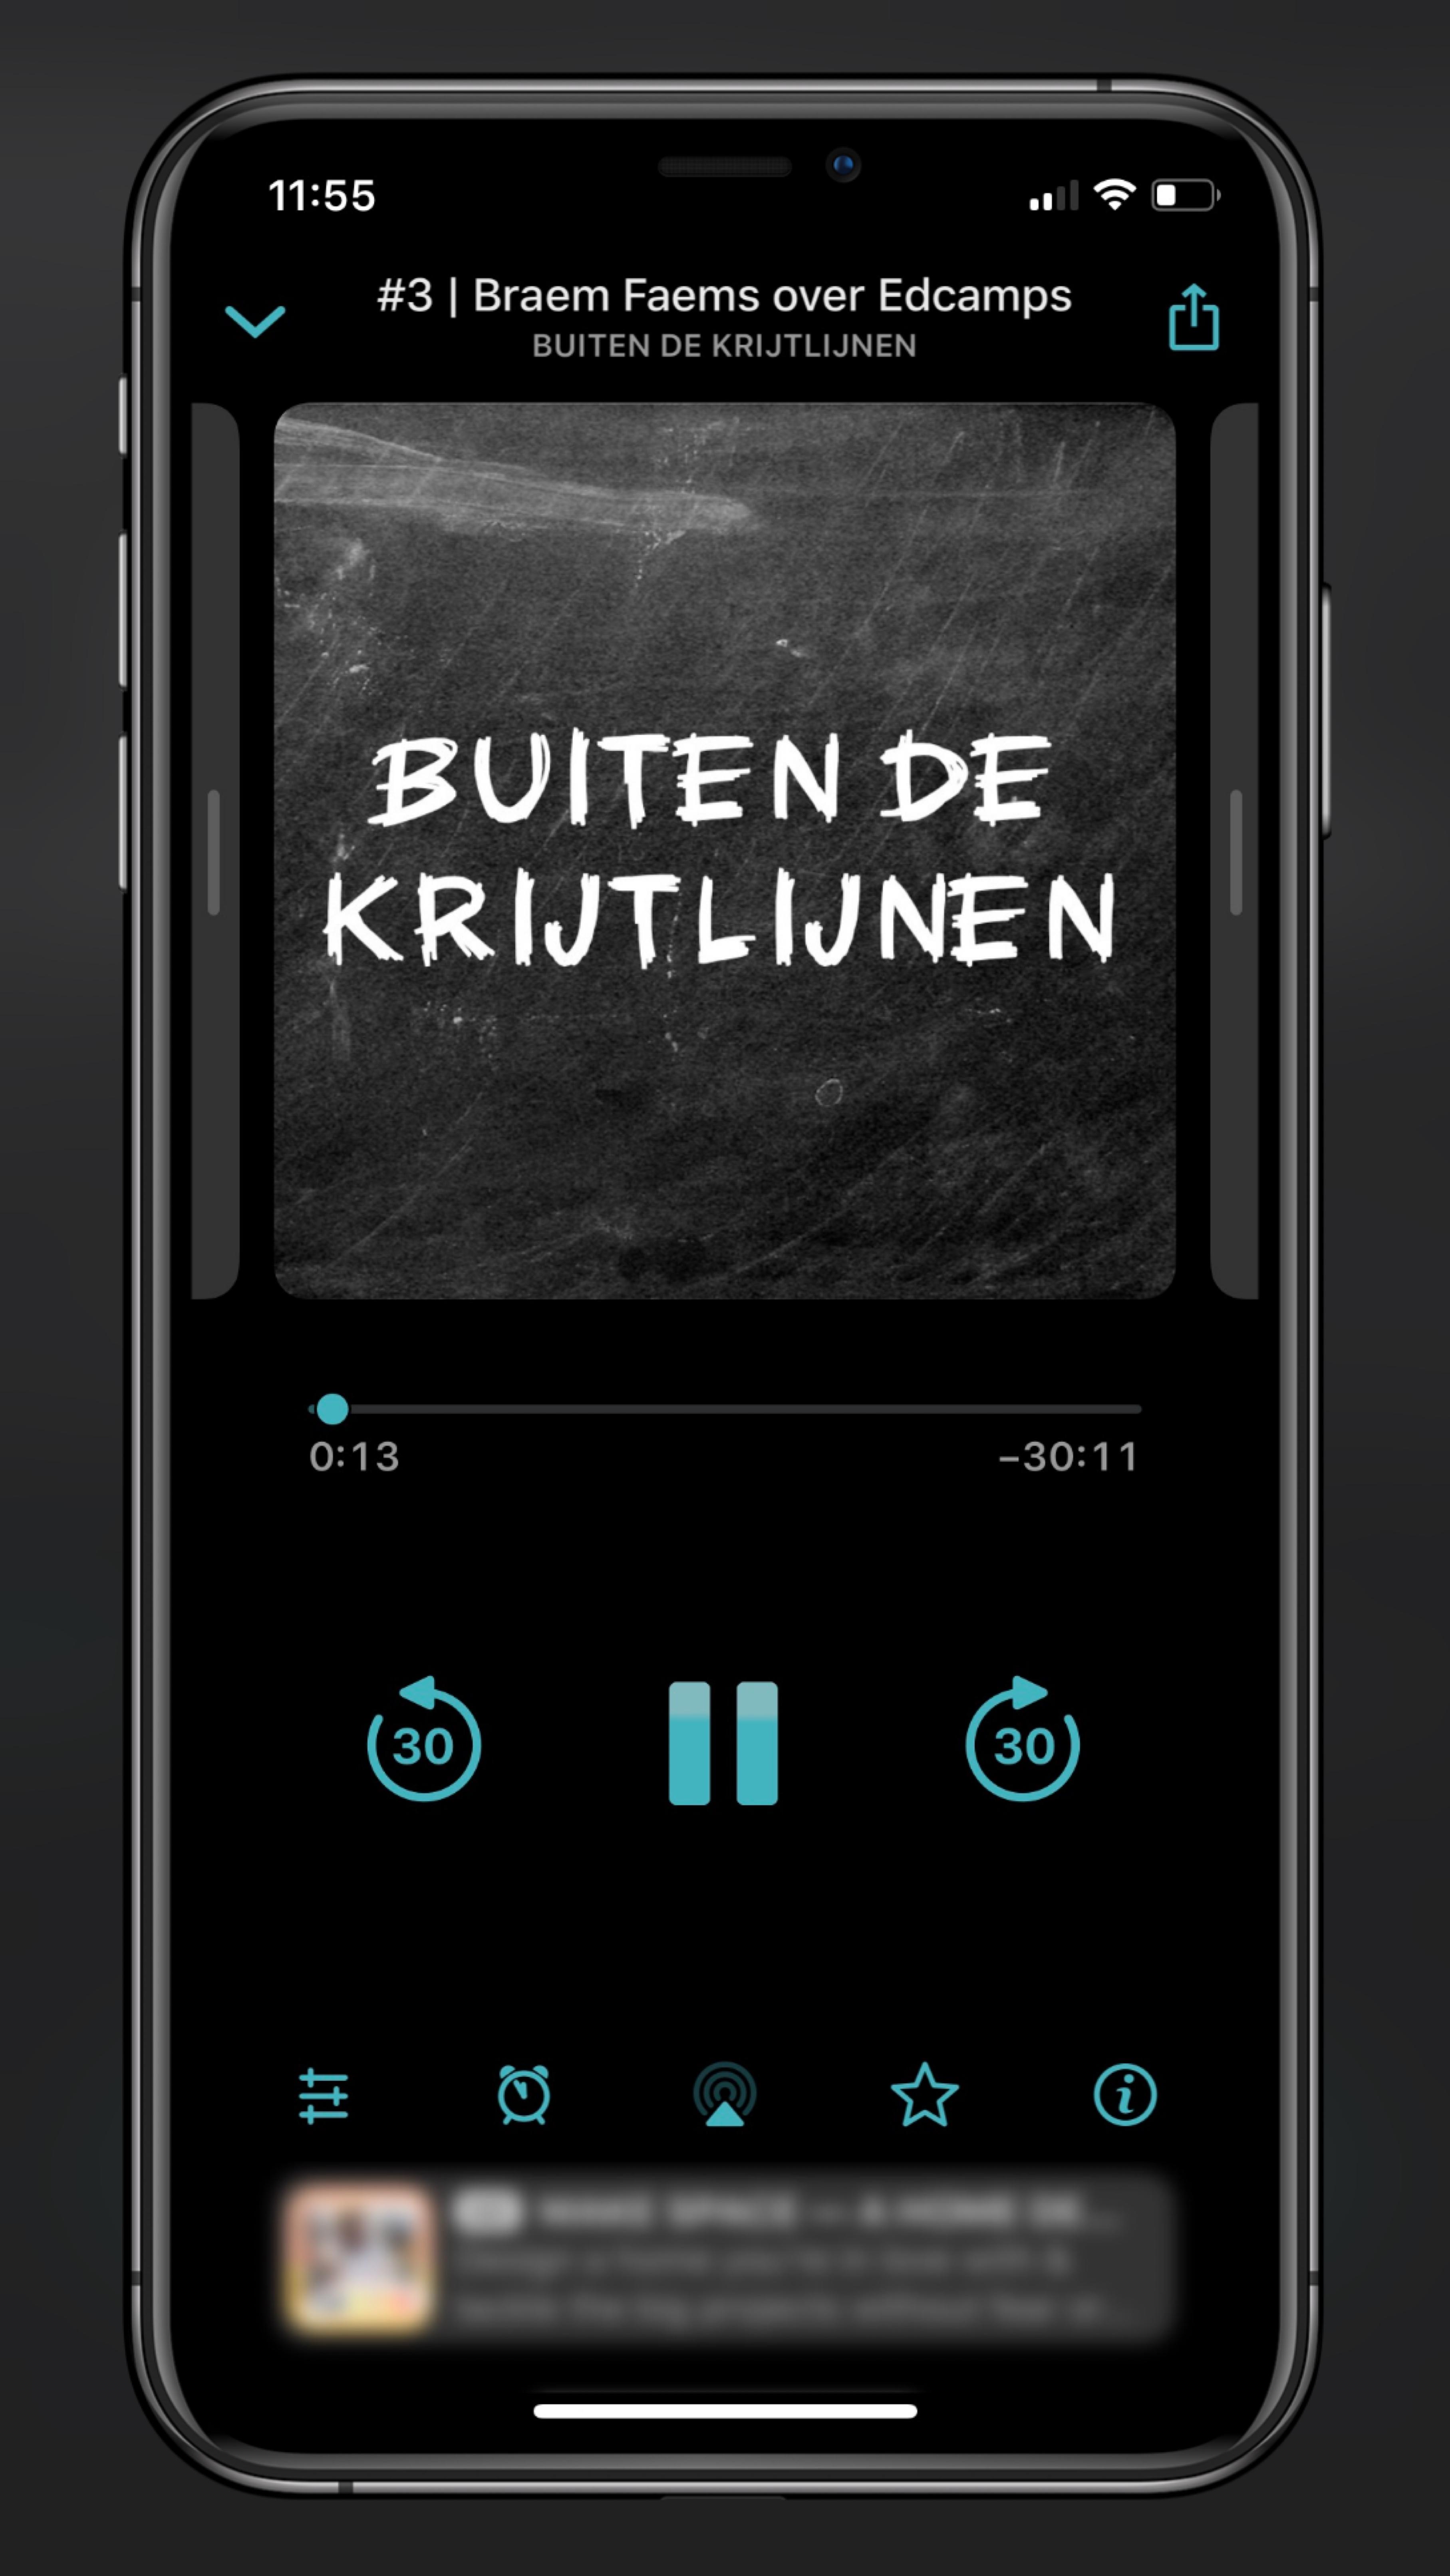 Screenshot Podcast Buiten De krijtlijnen